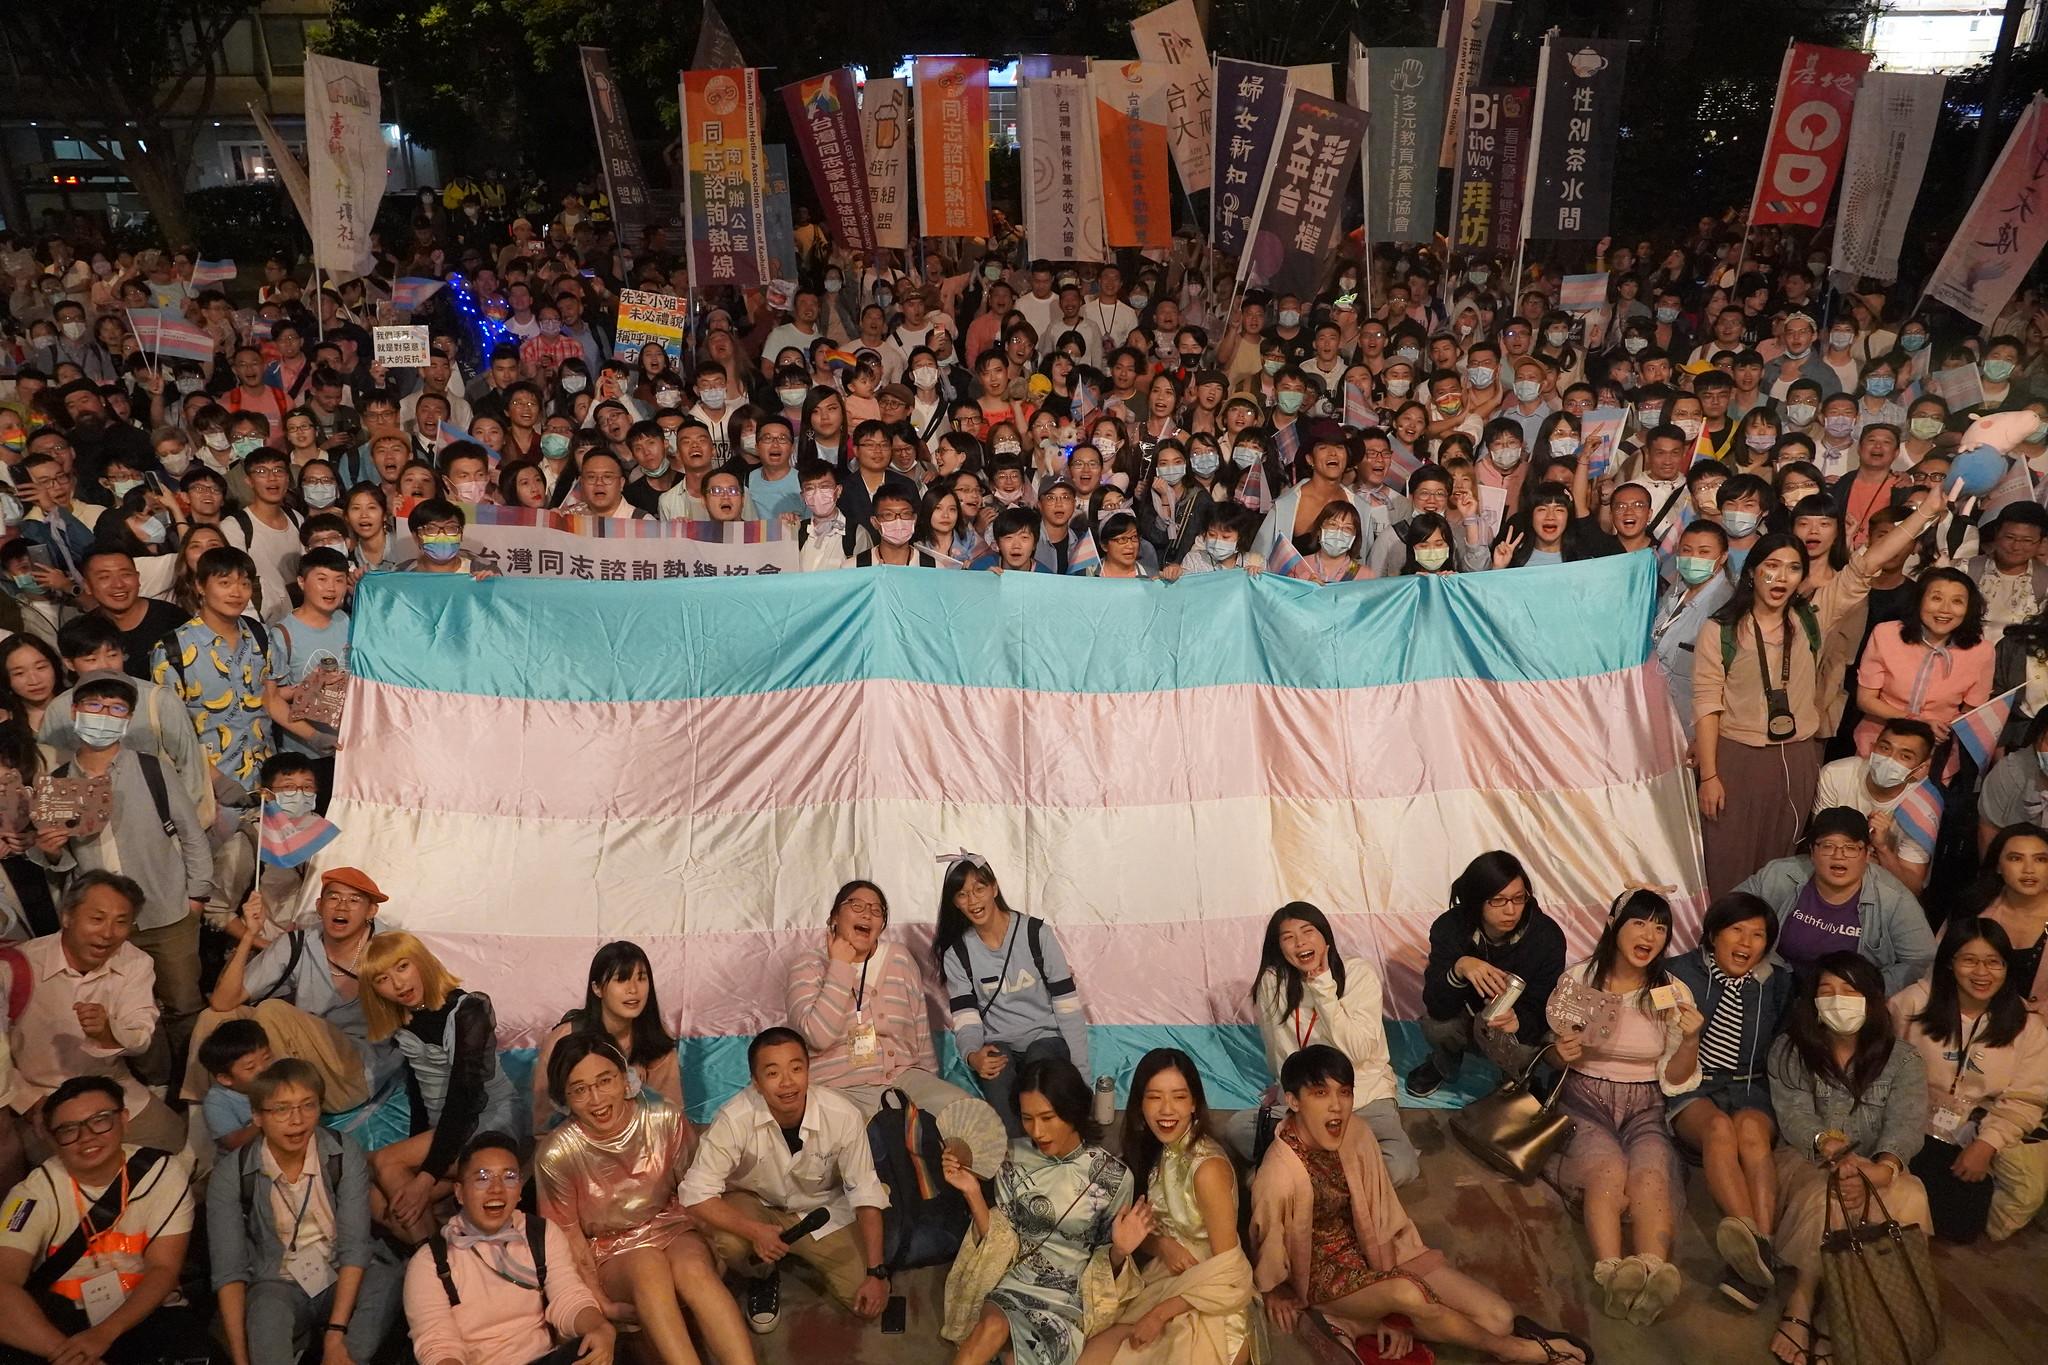 眾人走回遊行終點並和「跨性別旗」合照。(攝影:張智琦)